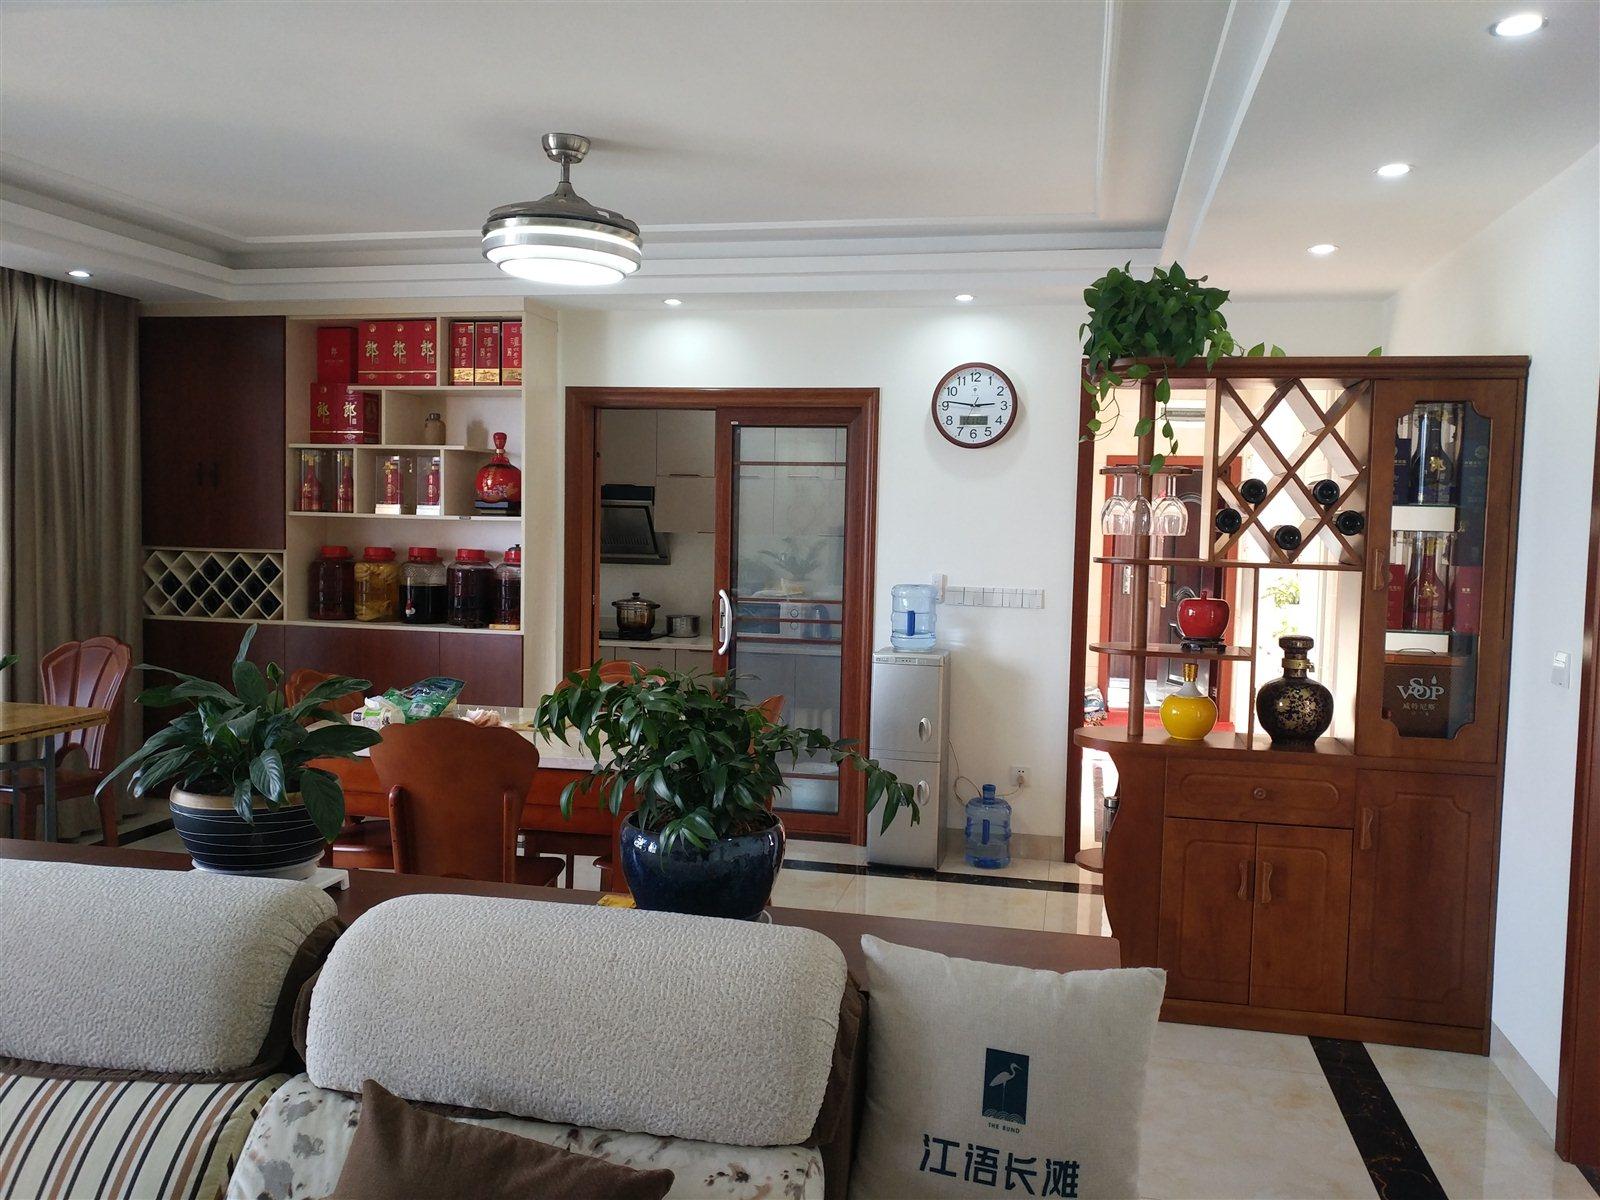 江语长滩美岸9栋4室2厅2卫145万元